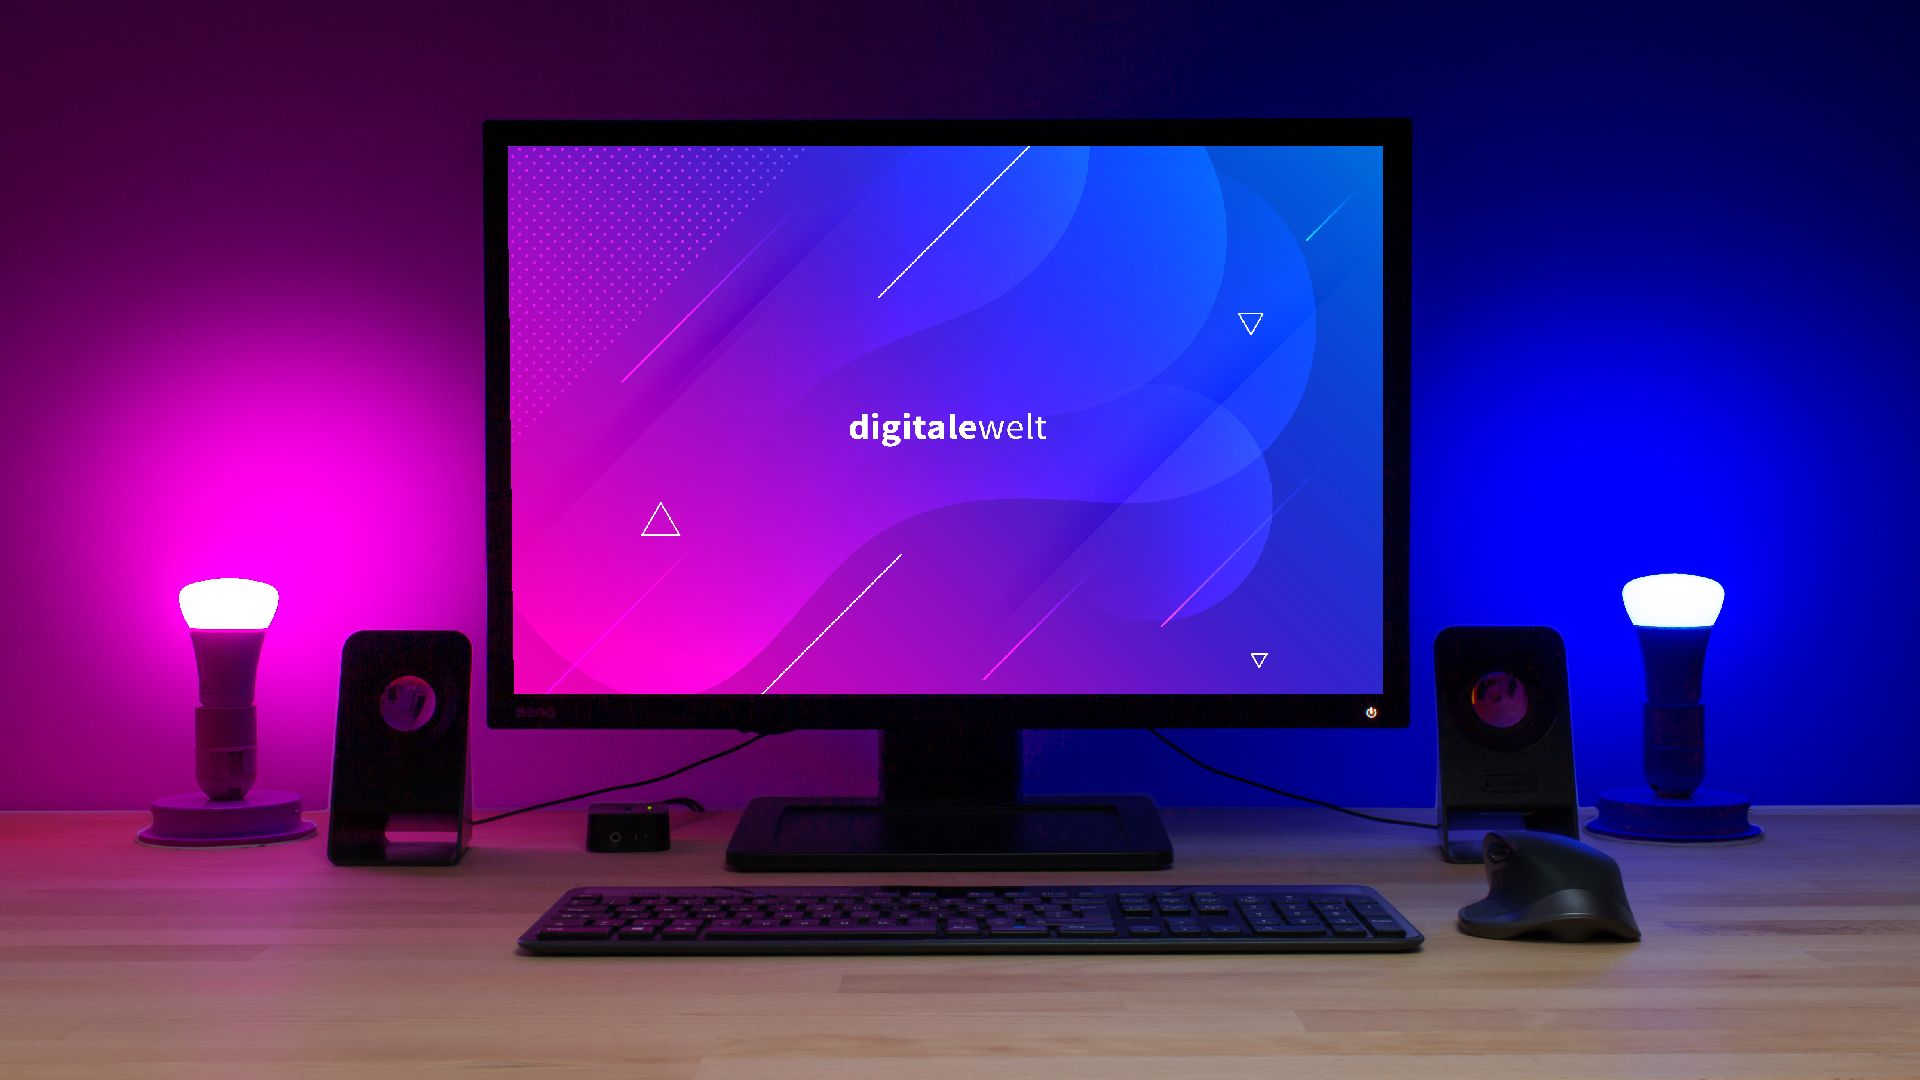 Philips Hue Sync Anleitung Ambilight Fur Jeden Pc Schritt Fur Schritt Digitale Welt Hue Philips Hue Lampe Digitale Welt